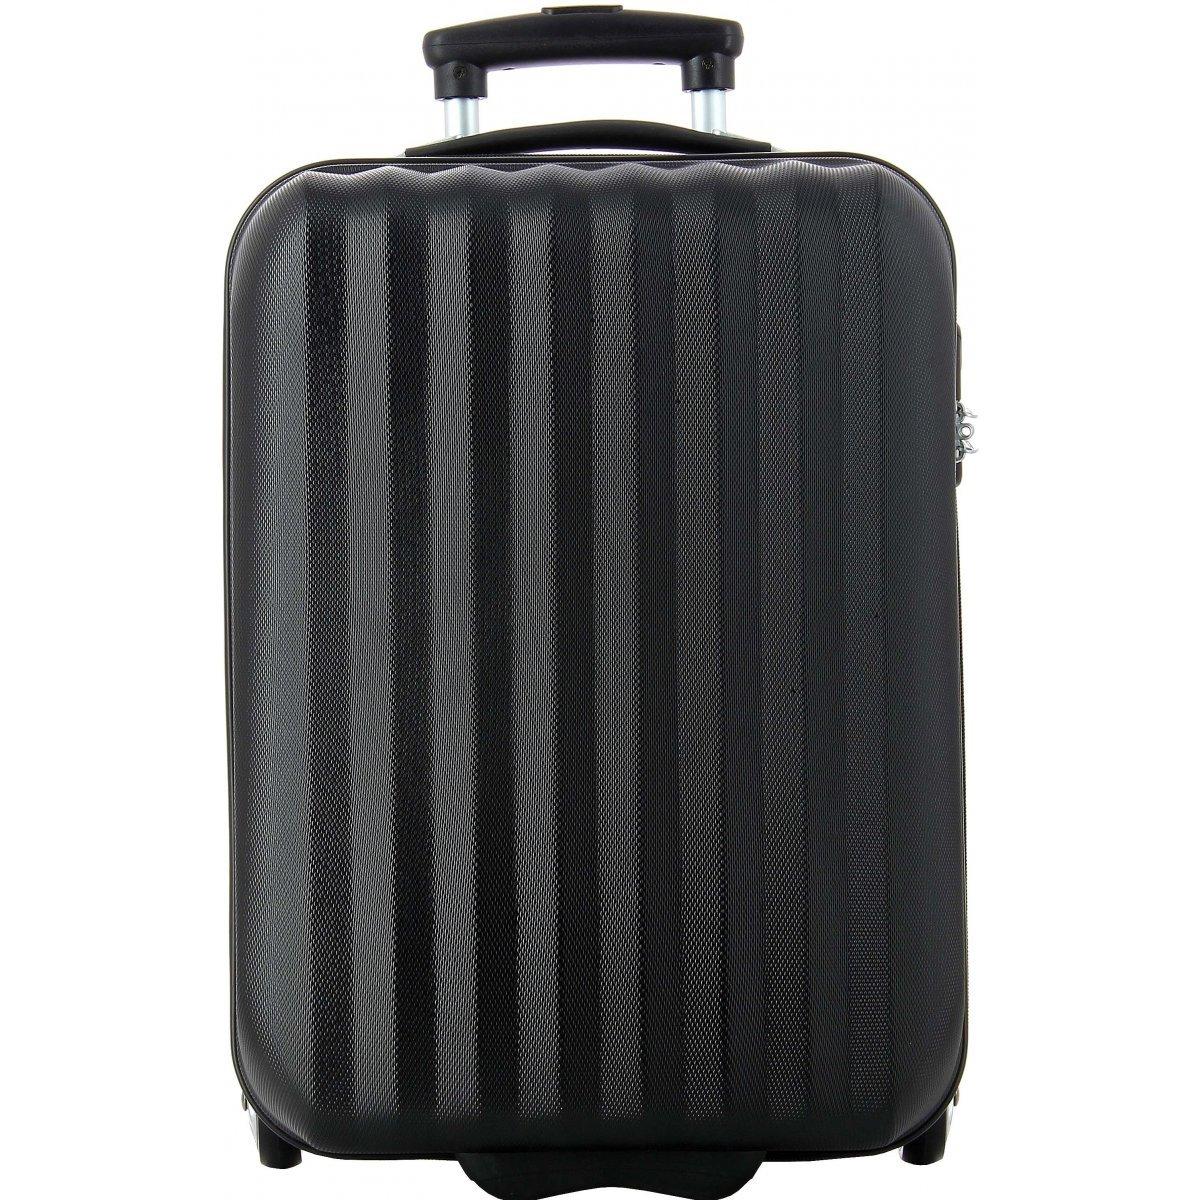 375906cff8 Choisir sa valise pour partir en voyage : tests et conseils - Le ...